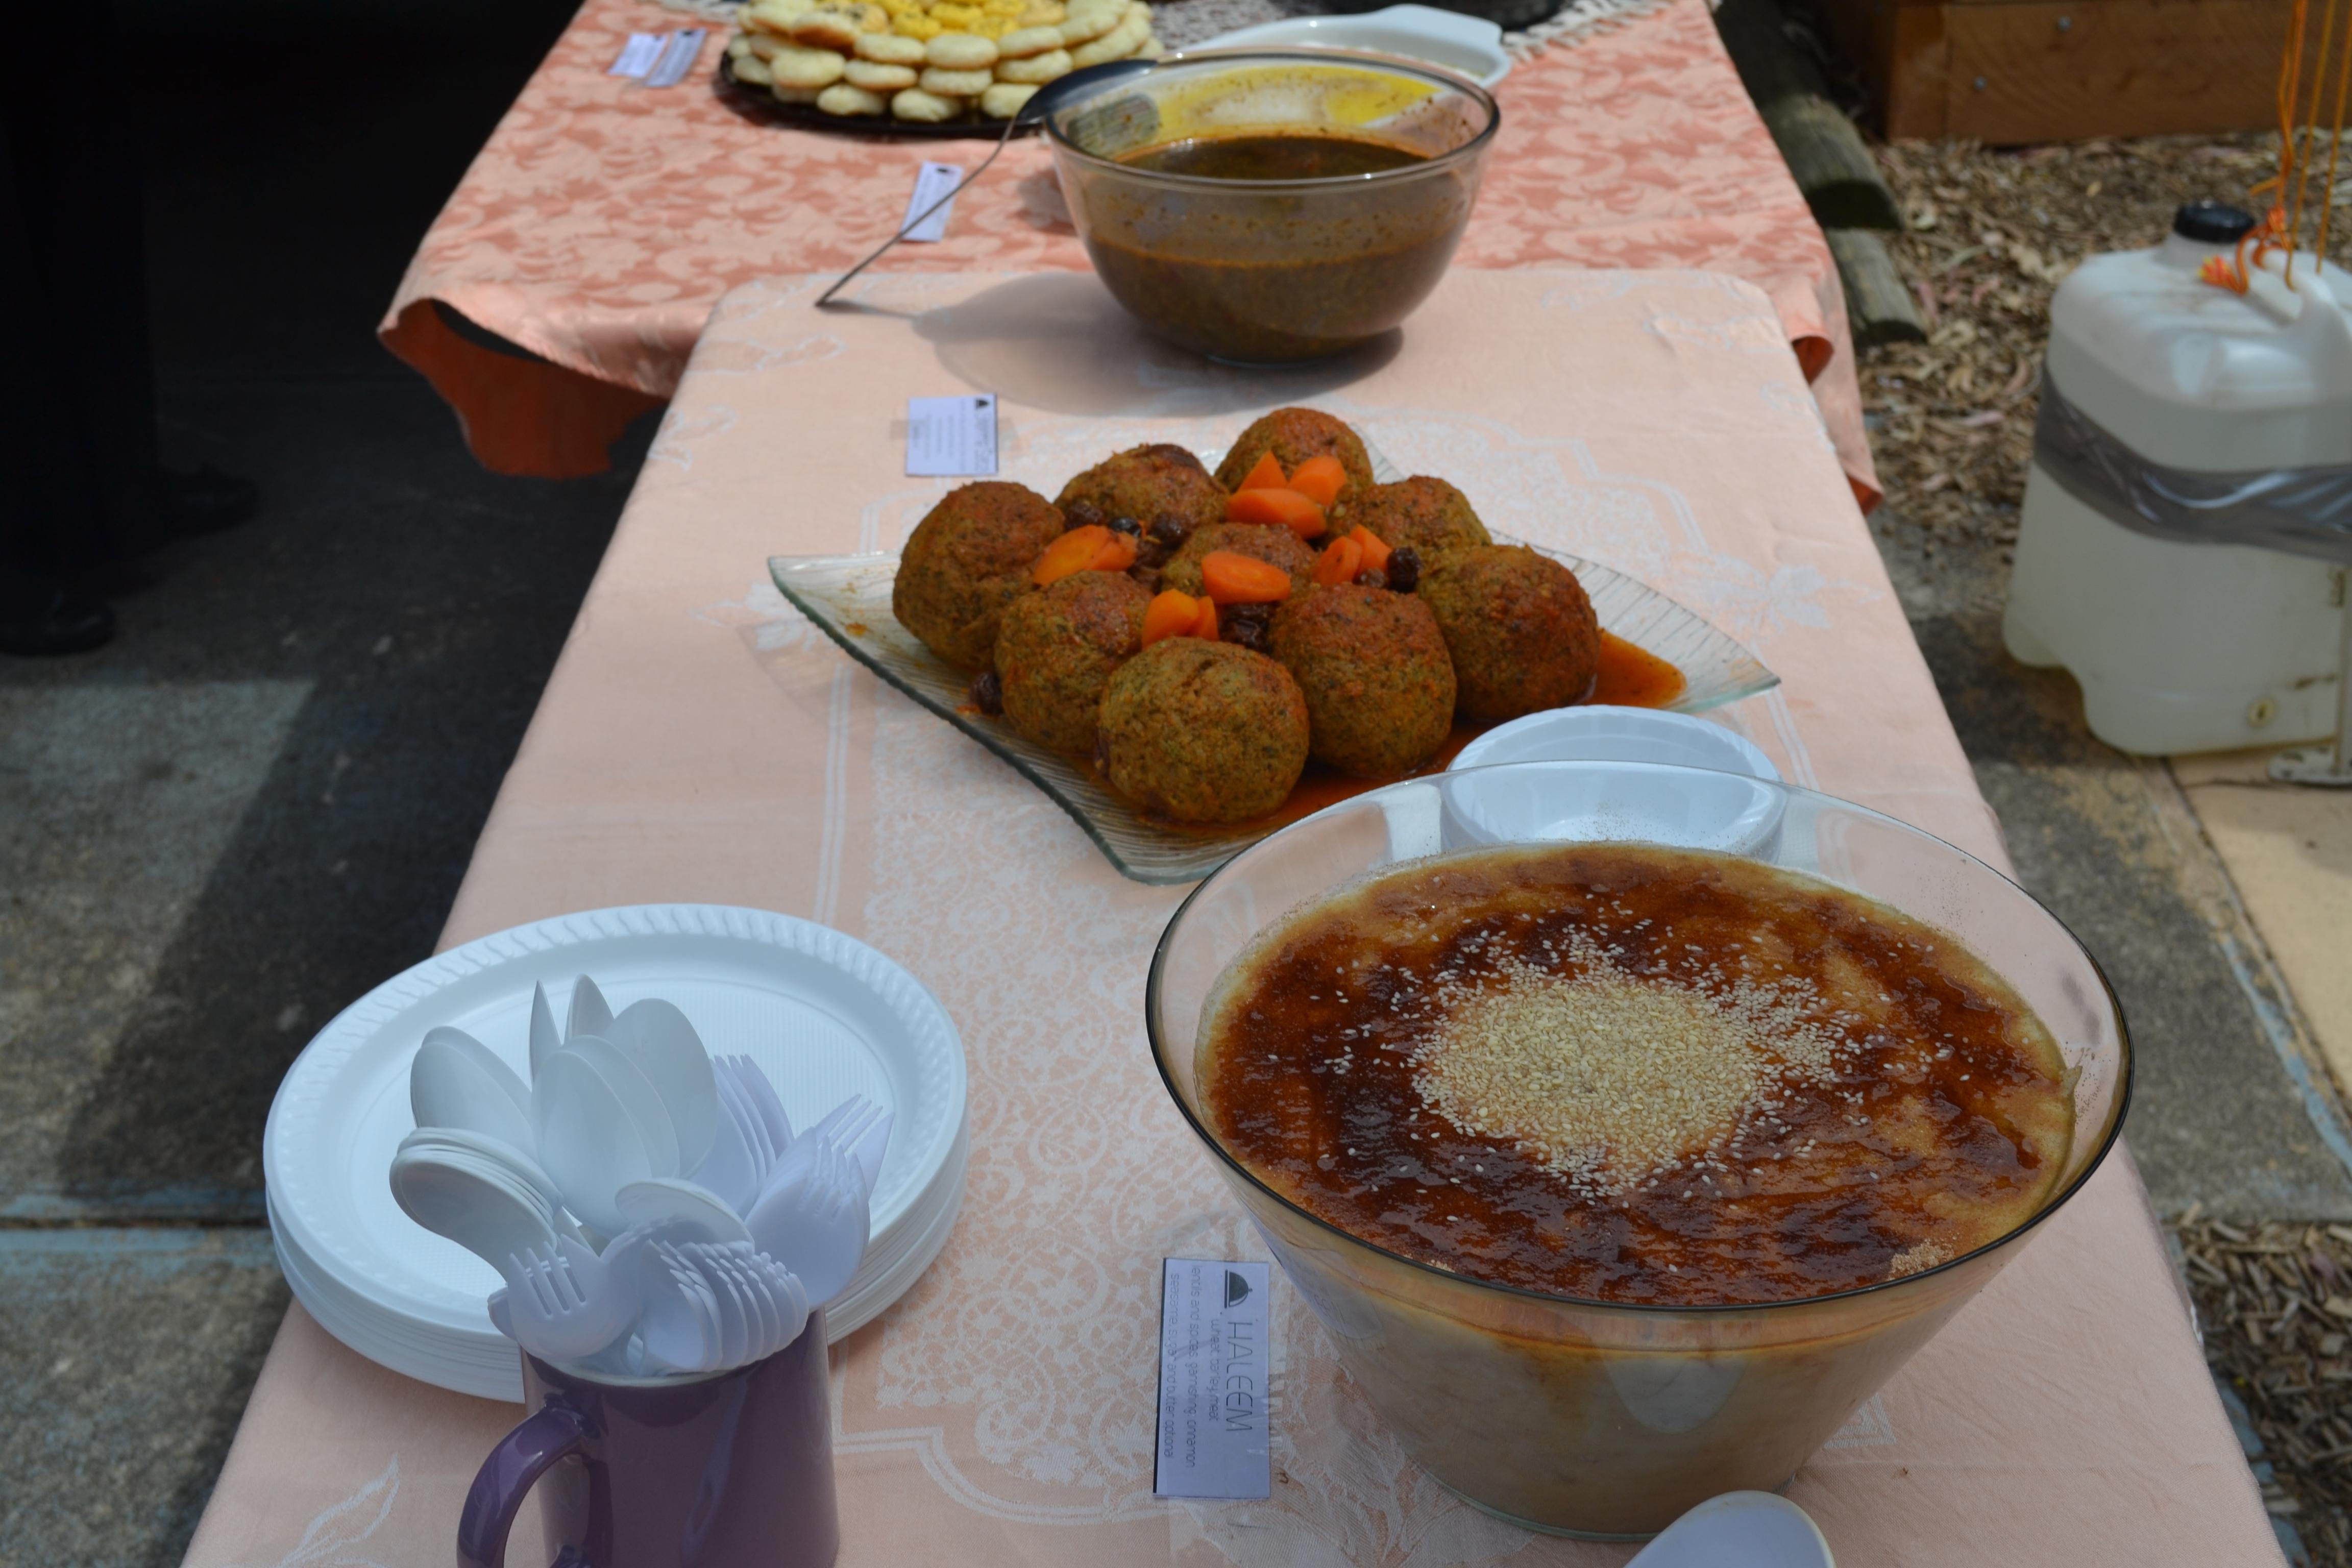 فستیوال غذاهای ایرانی - کانون آل یاسین - ملبورن - اکتبر 2014